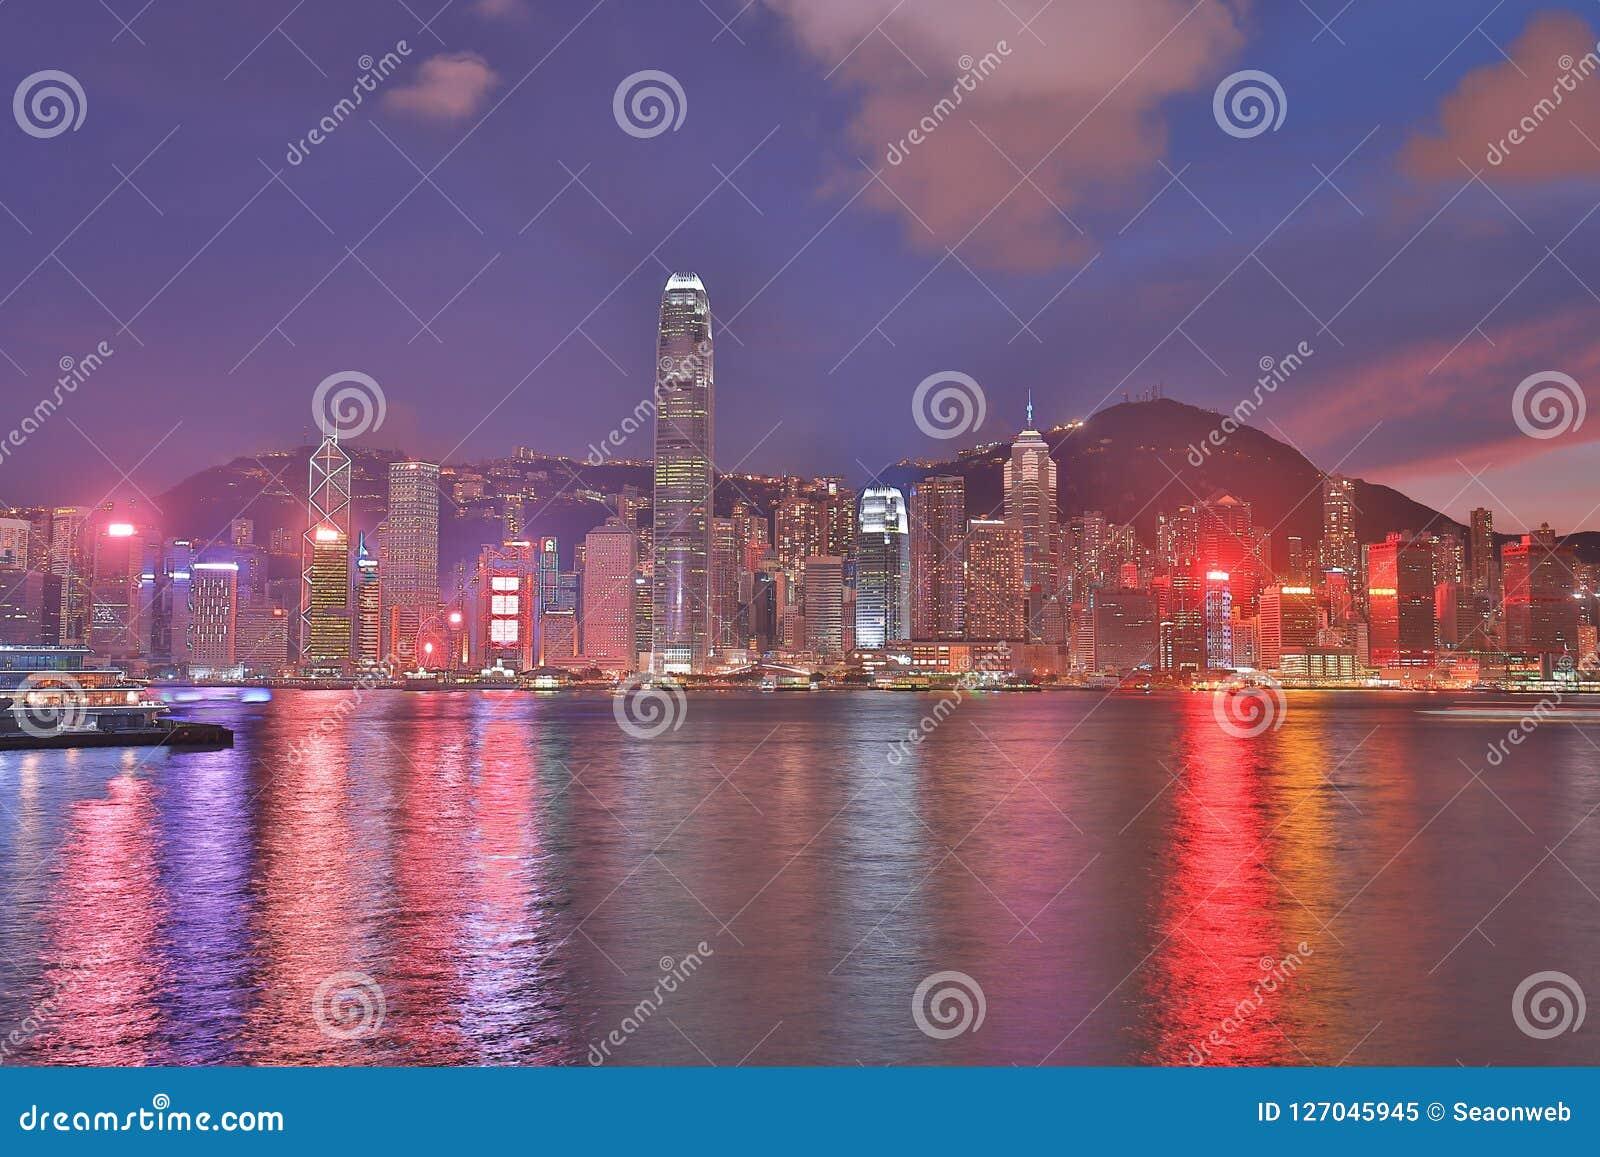 Puerto de Victoria, horizonte de Hong Kong en la noche